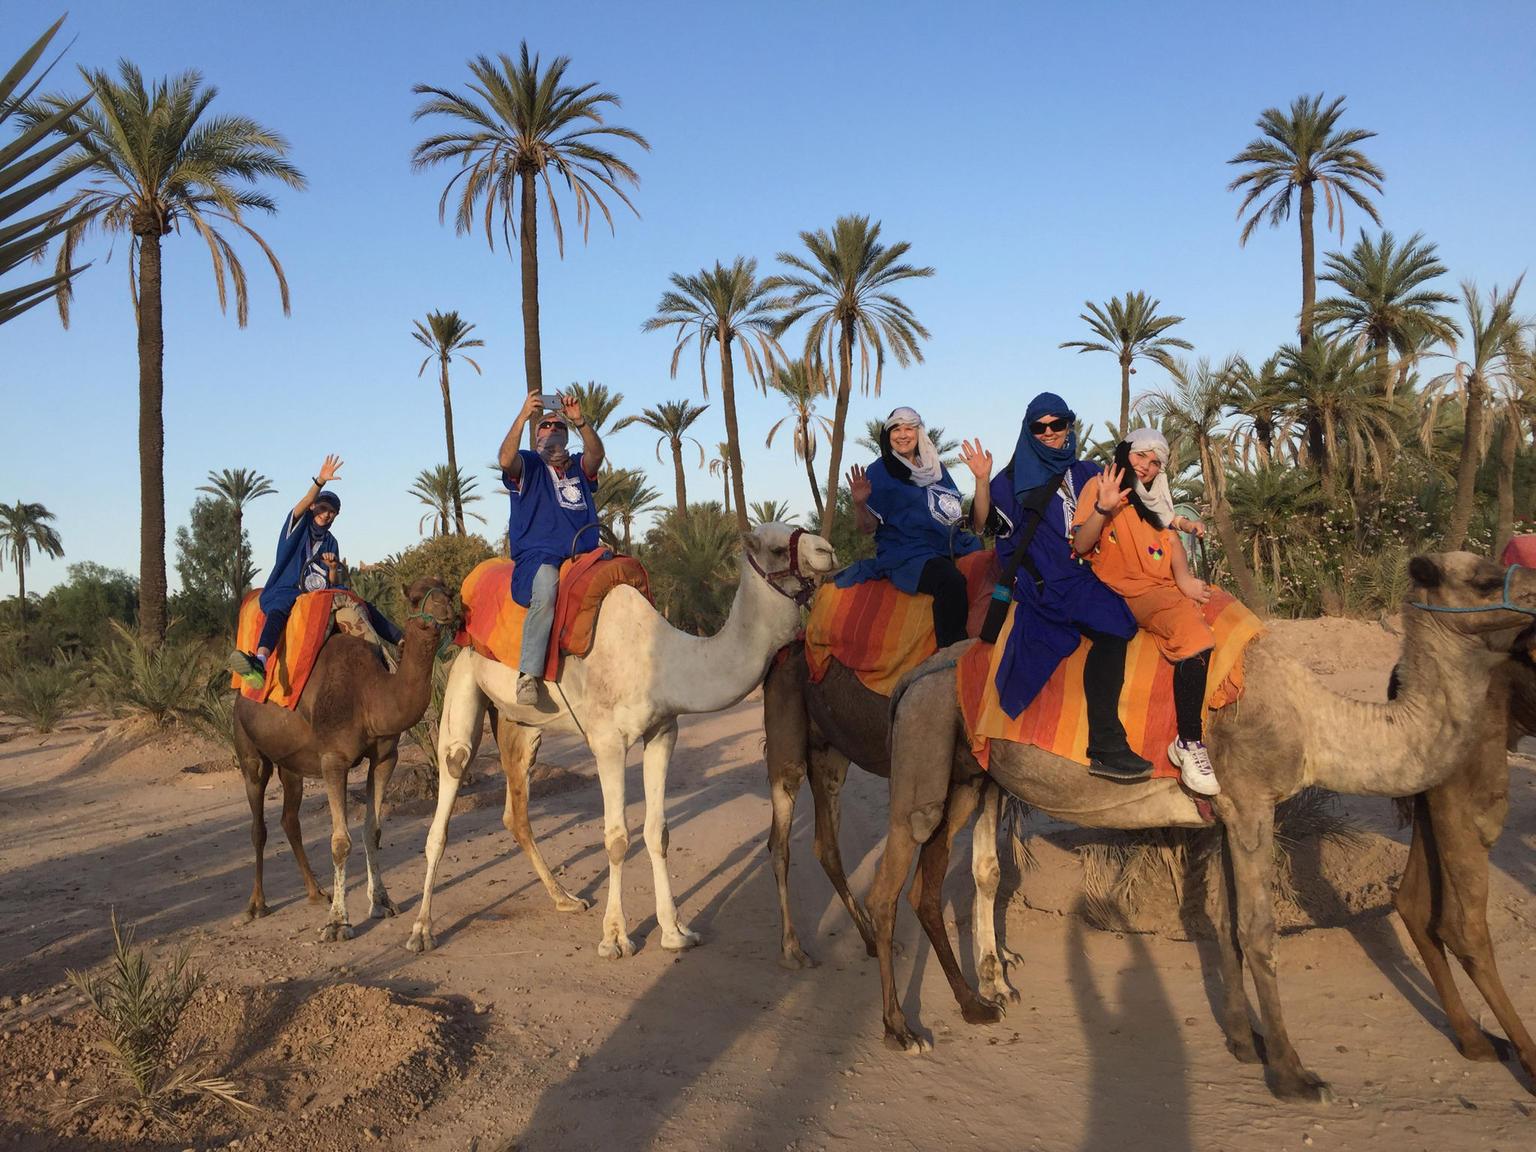 MAIS FOTOS, Jardim de Majorelle e Passeio de Camelo em Marraquexe